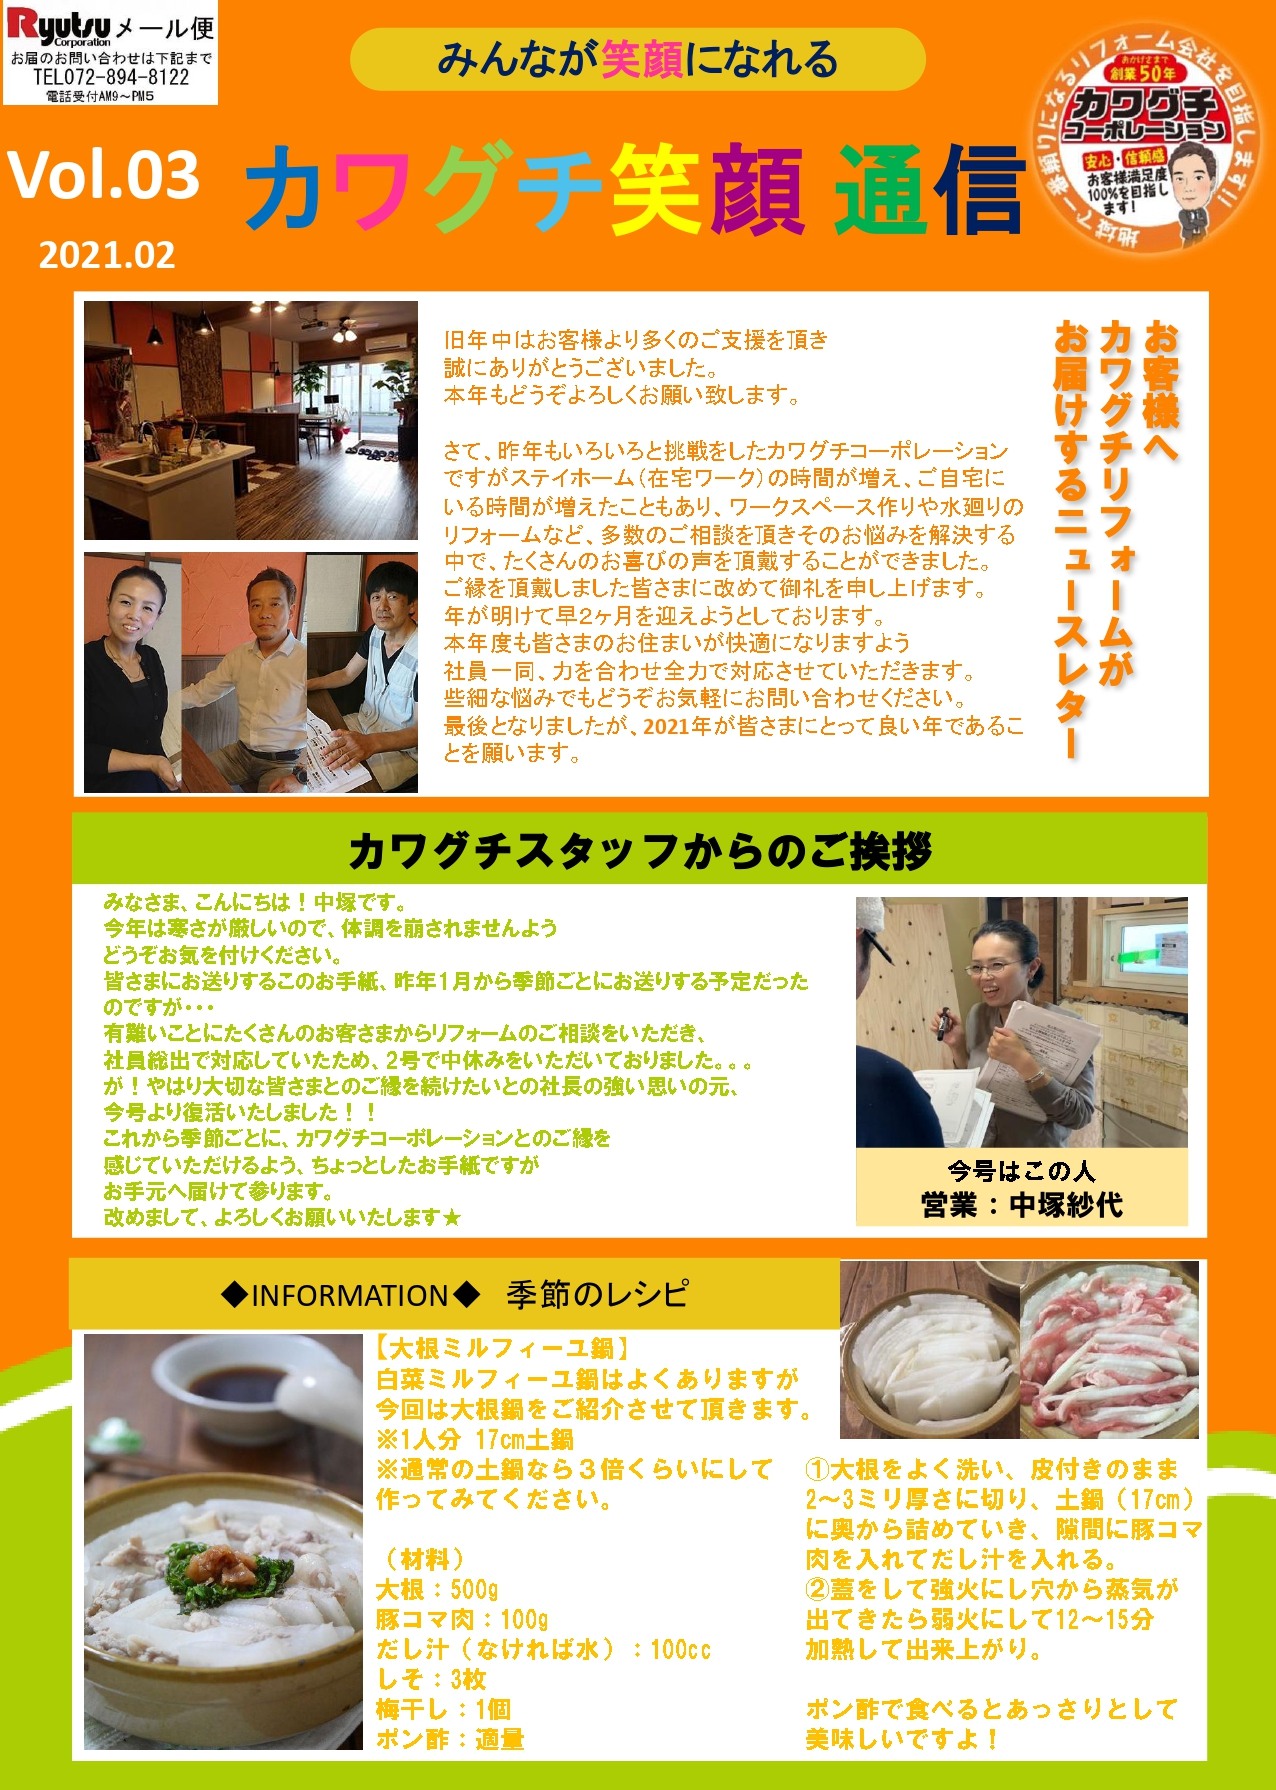 ★カワグチ笑顔通信(^^♪ ニュースレター